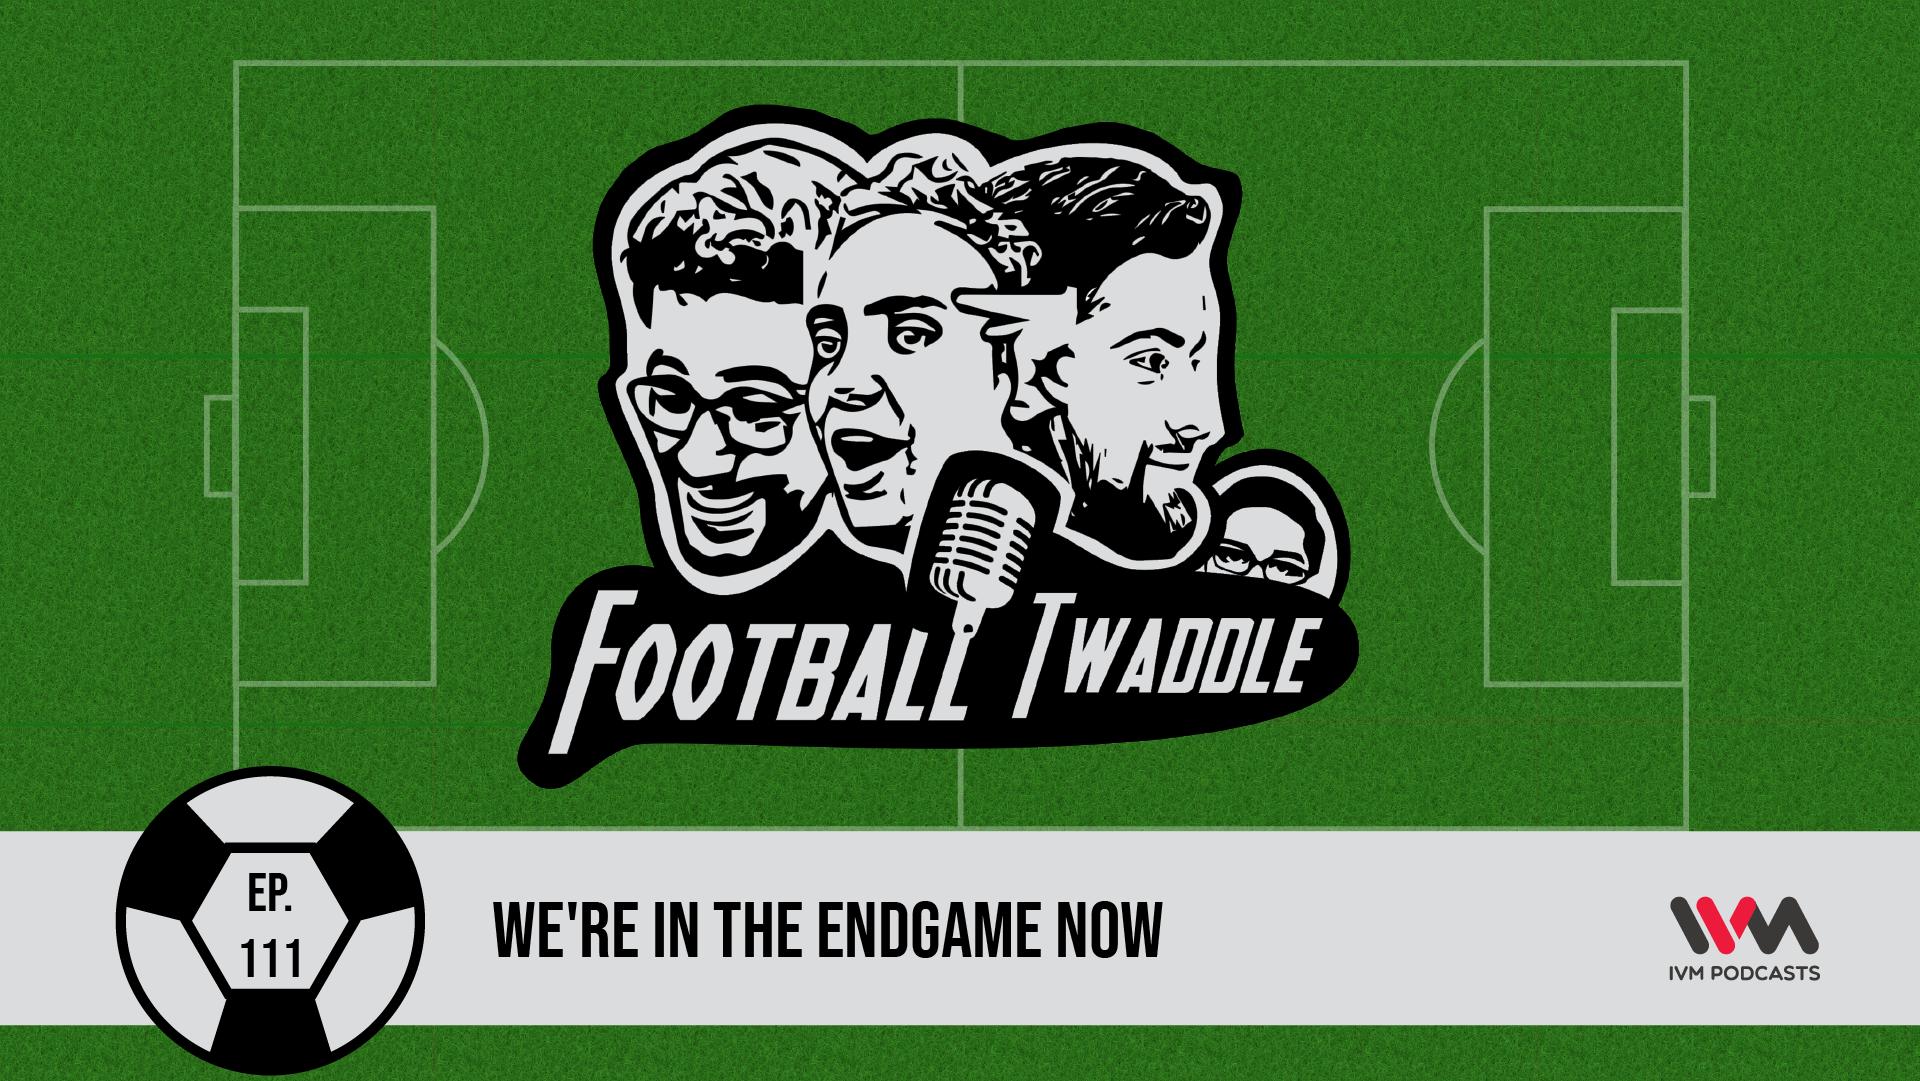 FootballTwaddleEpisode111.png